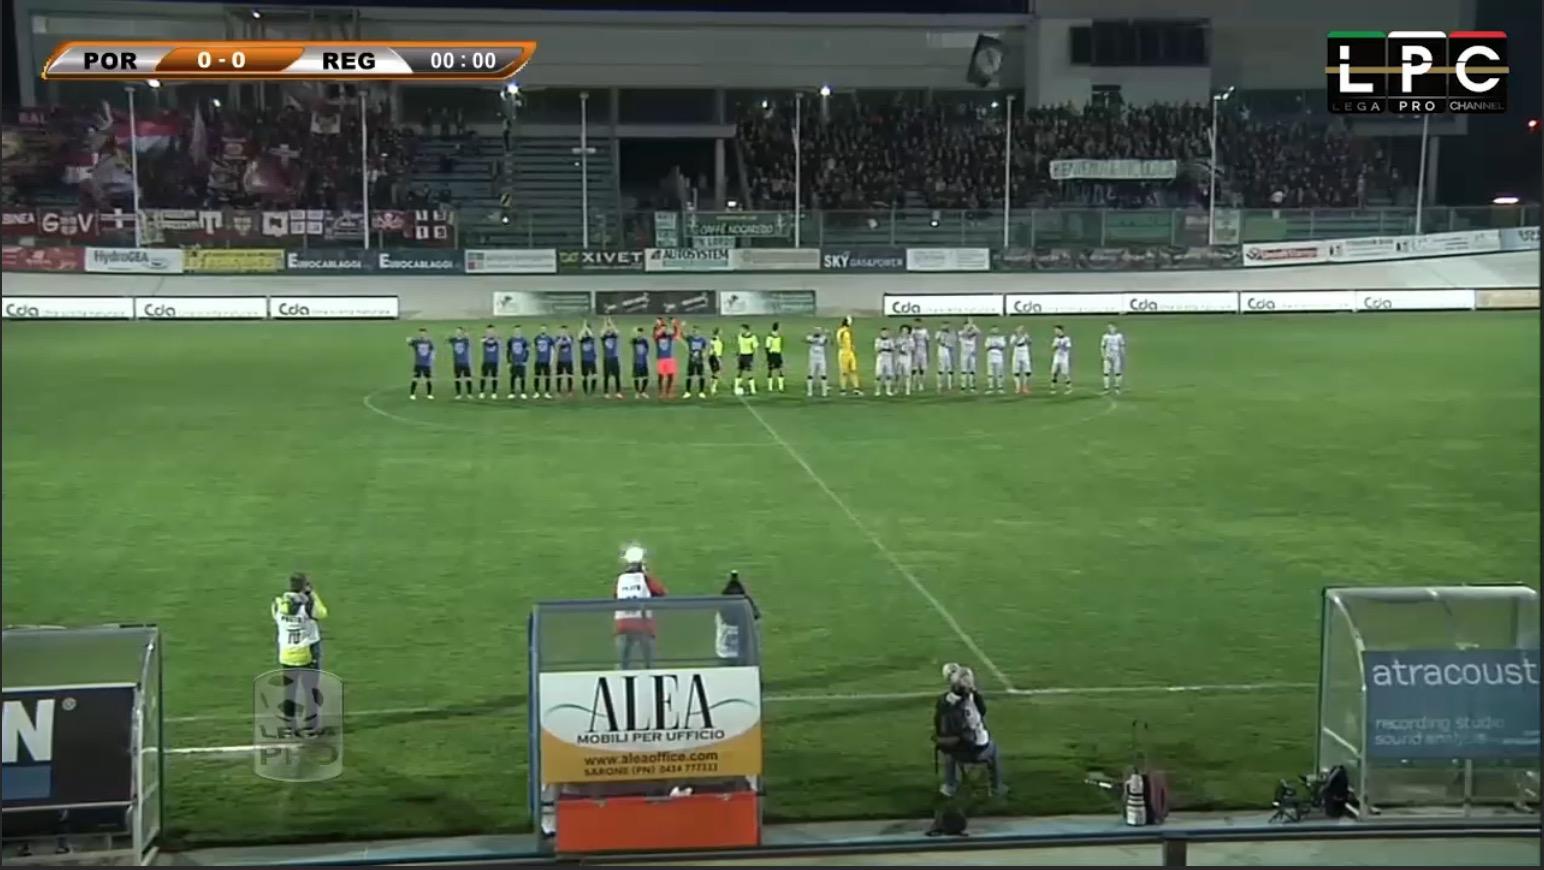 Lega Pro, playoff quarti di finale: Reggiana-Livorno, data, orario e tv